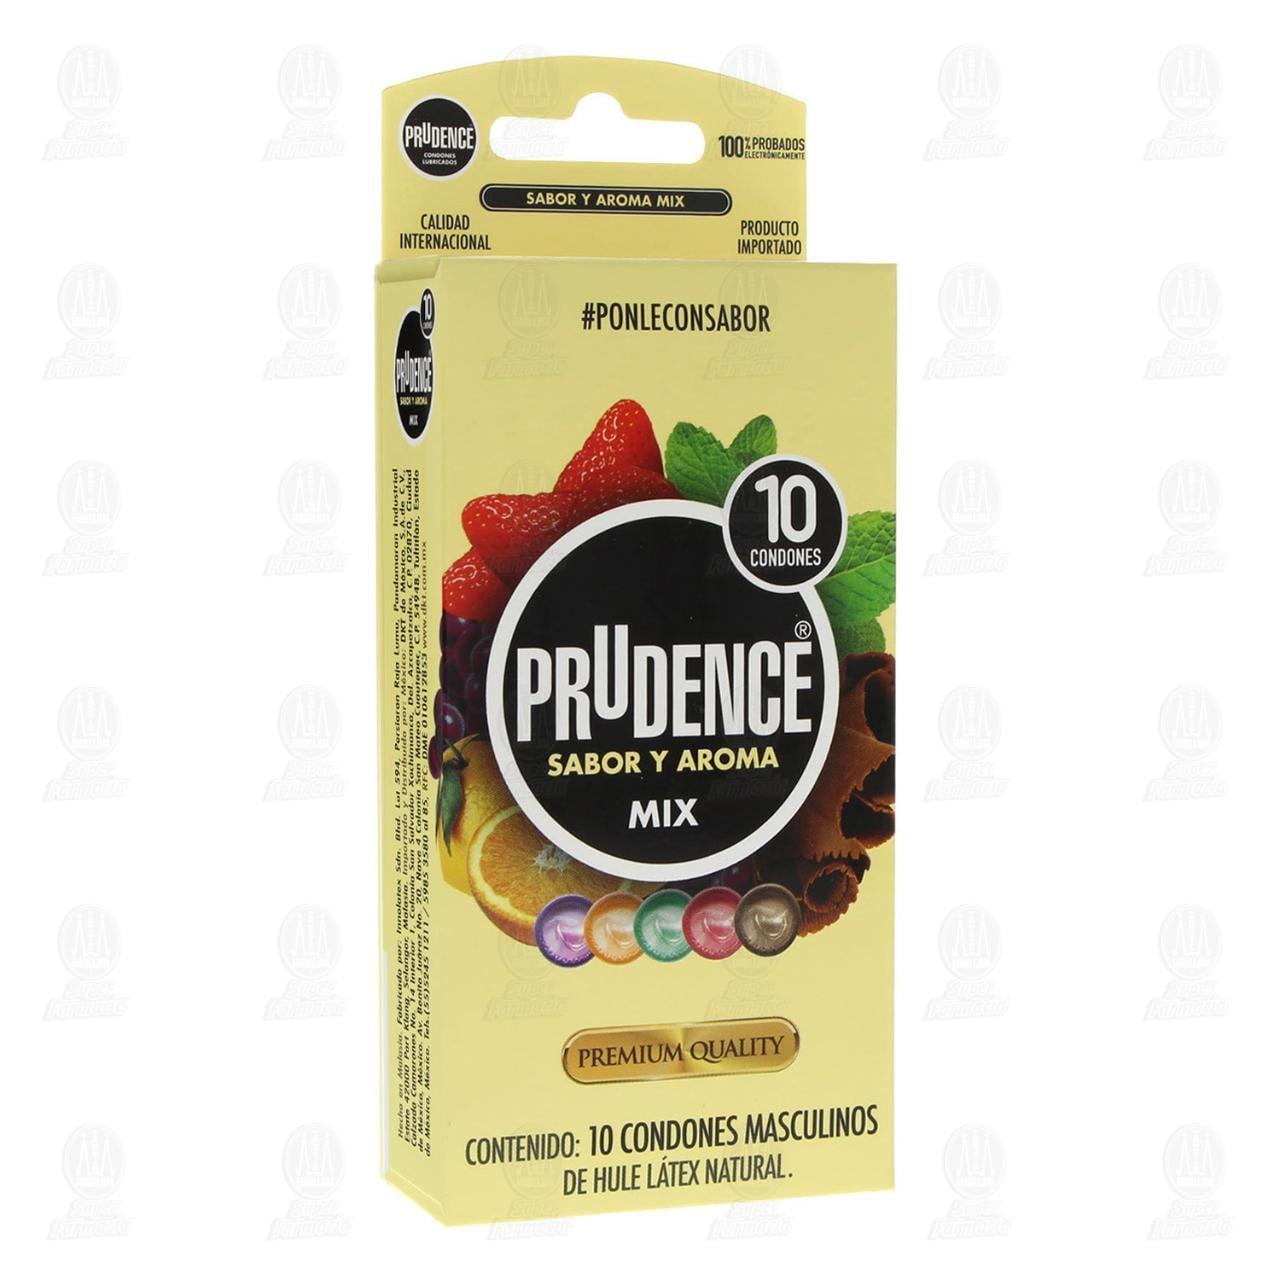 Comprar Prudence Mix Sabor y Aroma Condones 10pzas en Farmacias Guadalajara